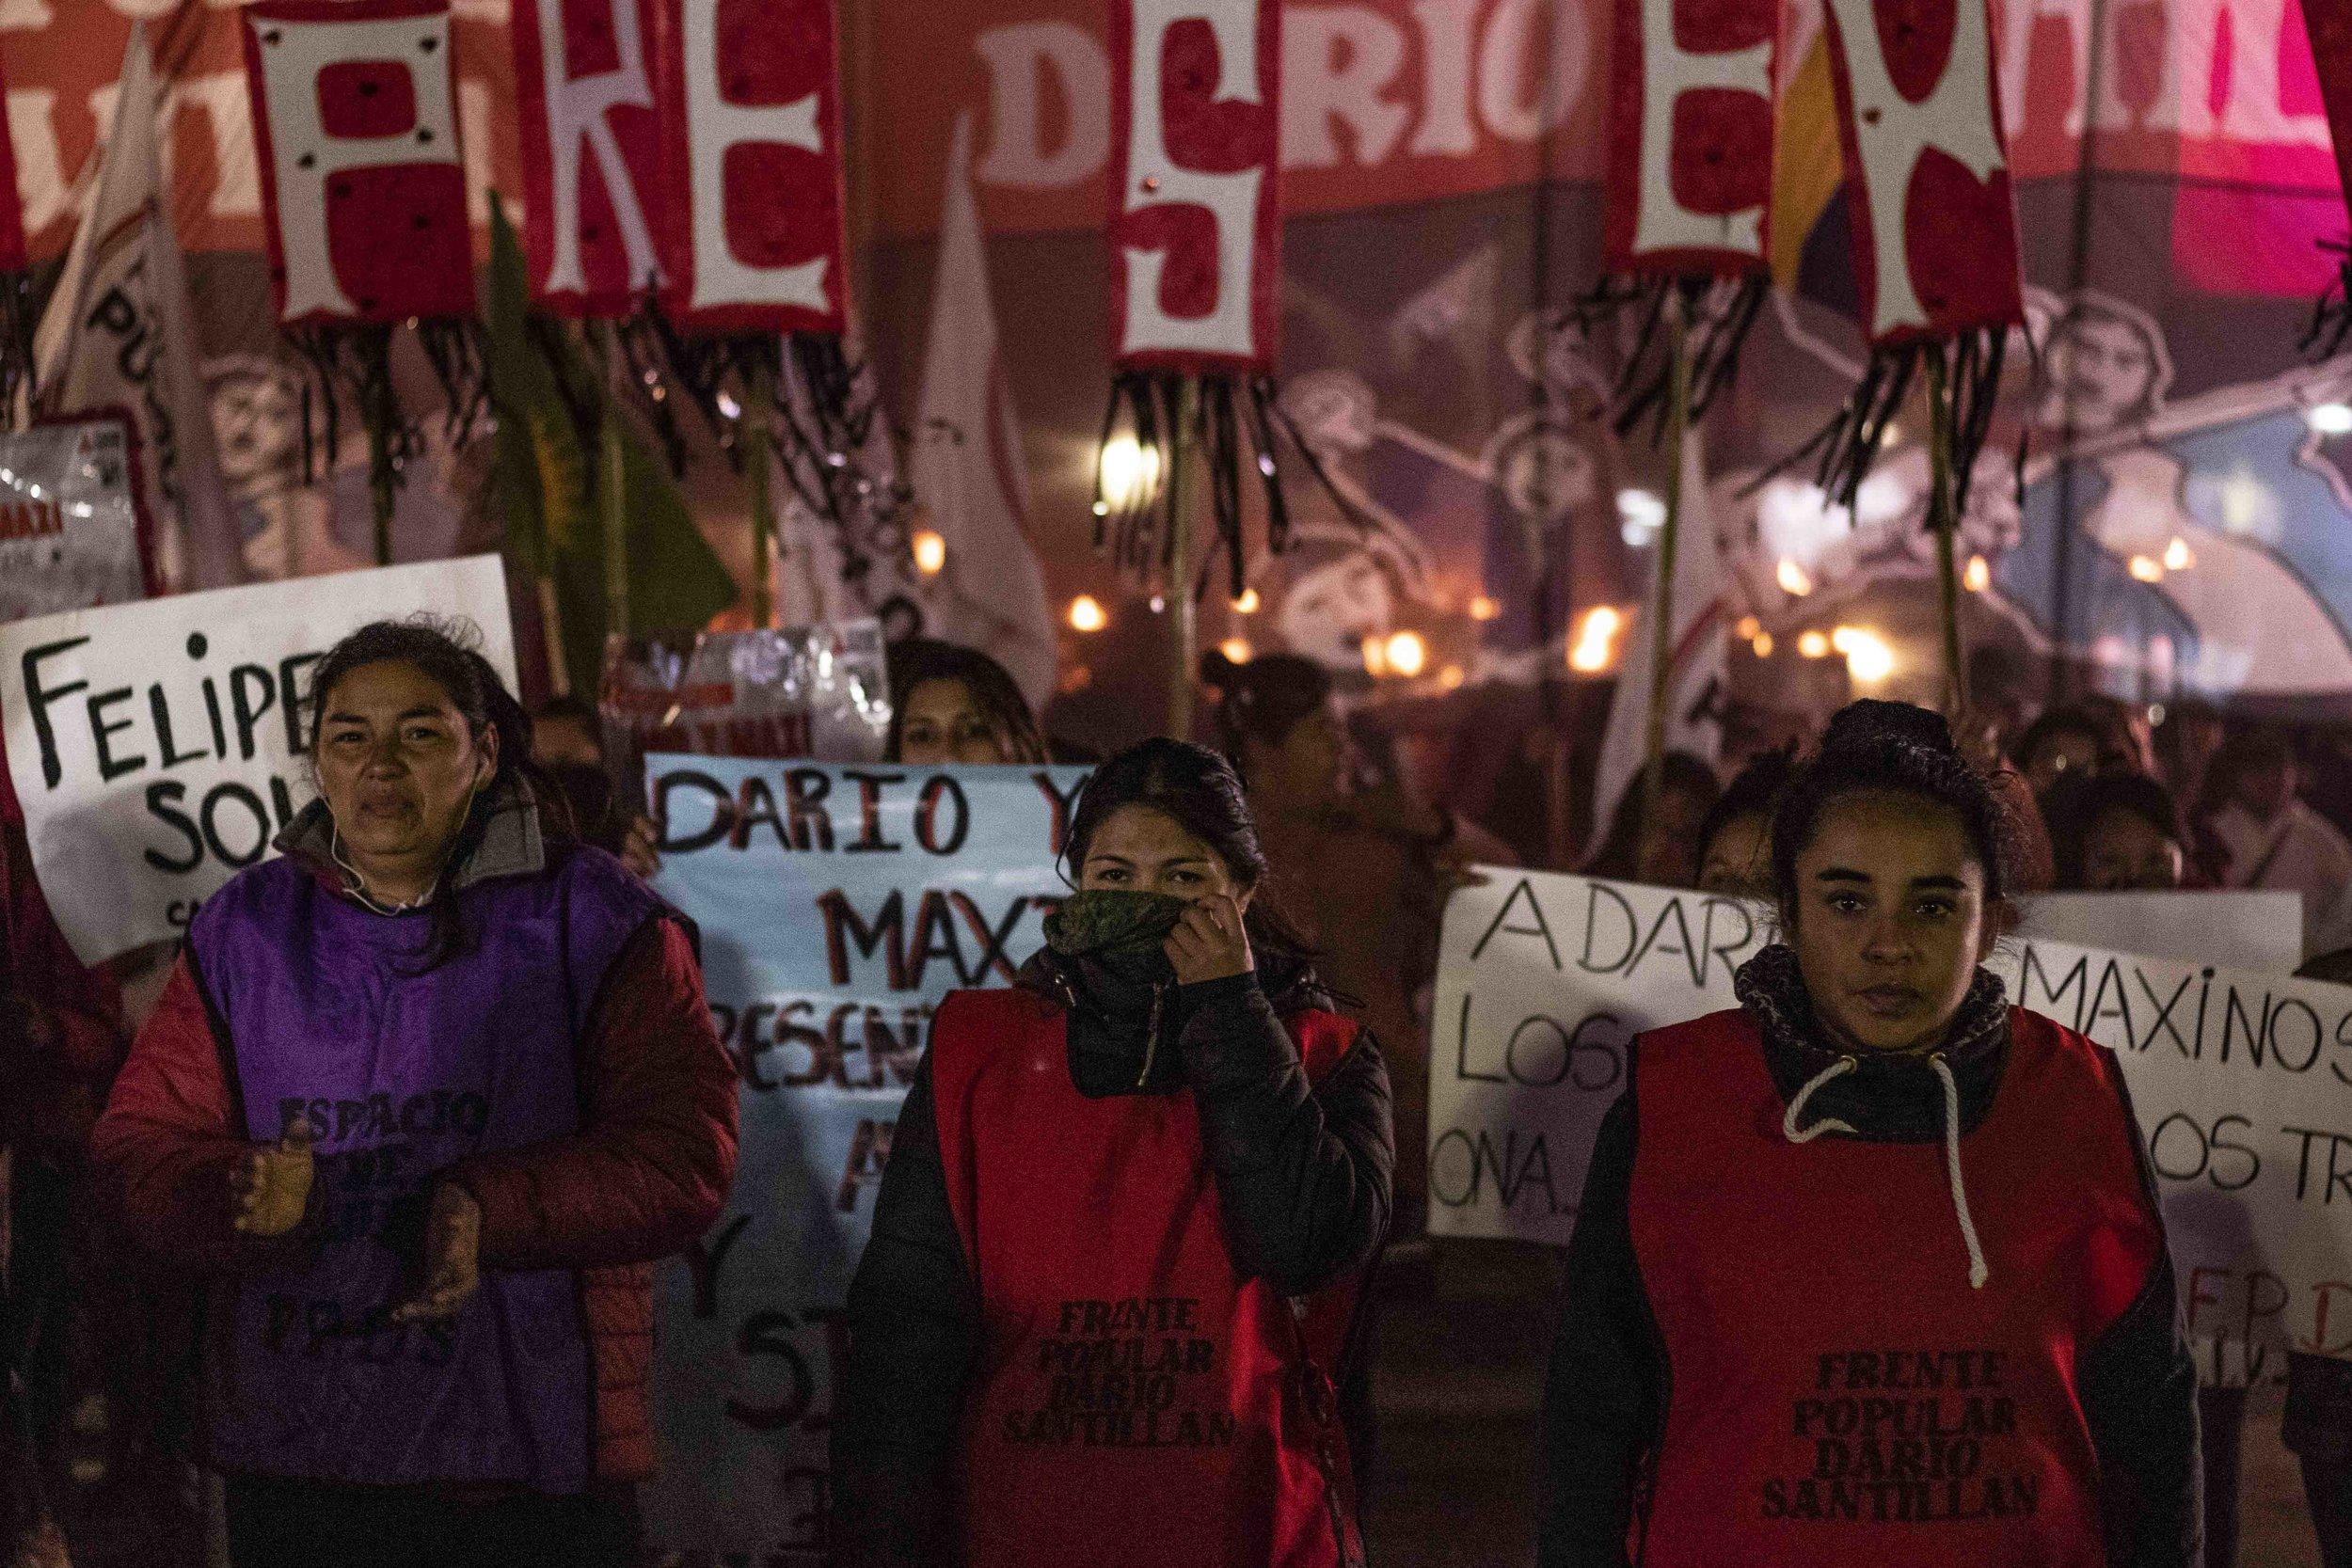 1-dario-y-maxi-17-años-tucumán-la-palta-ignacio-lopez-isasmendi02 (12).JPG